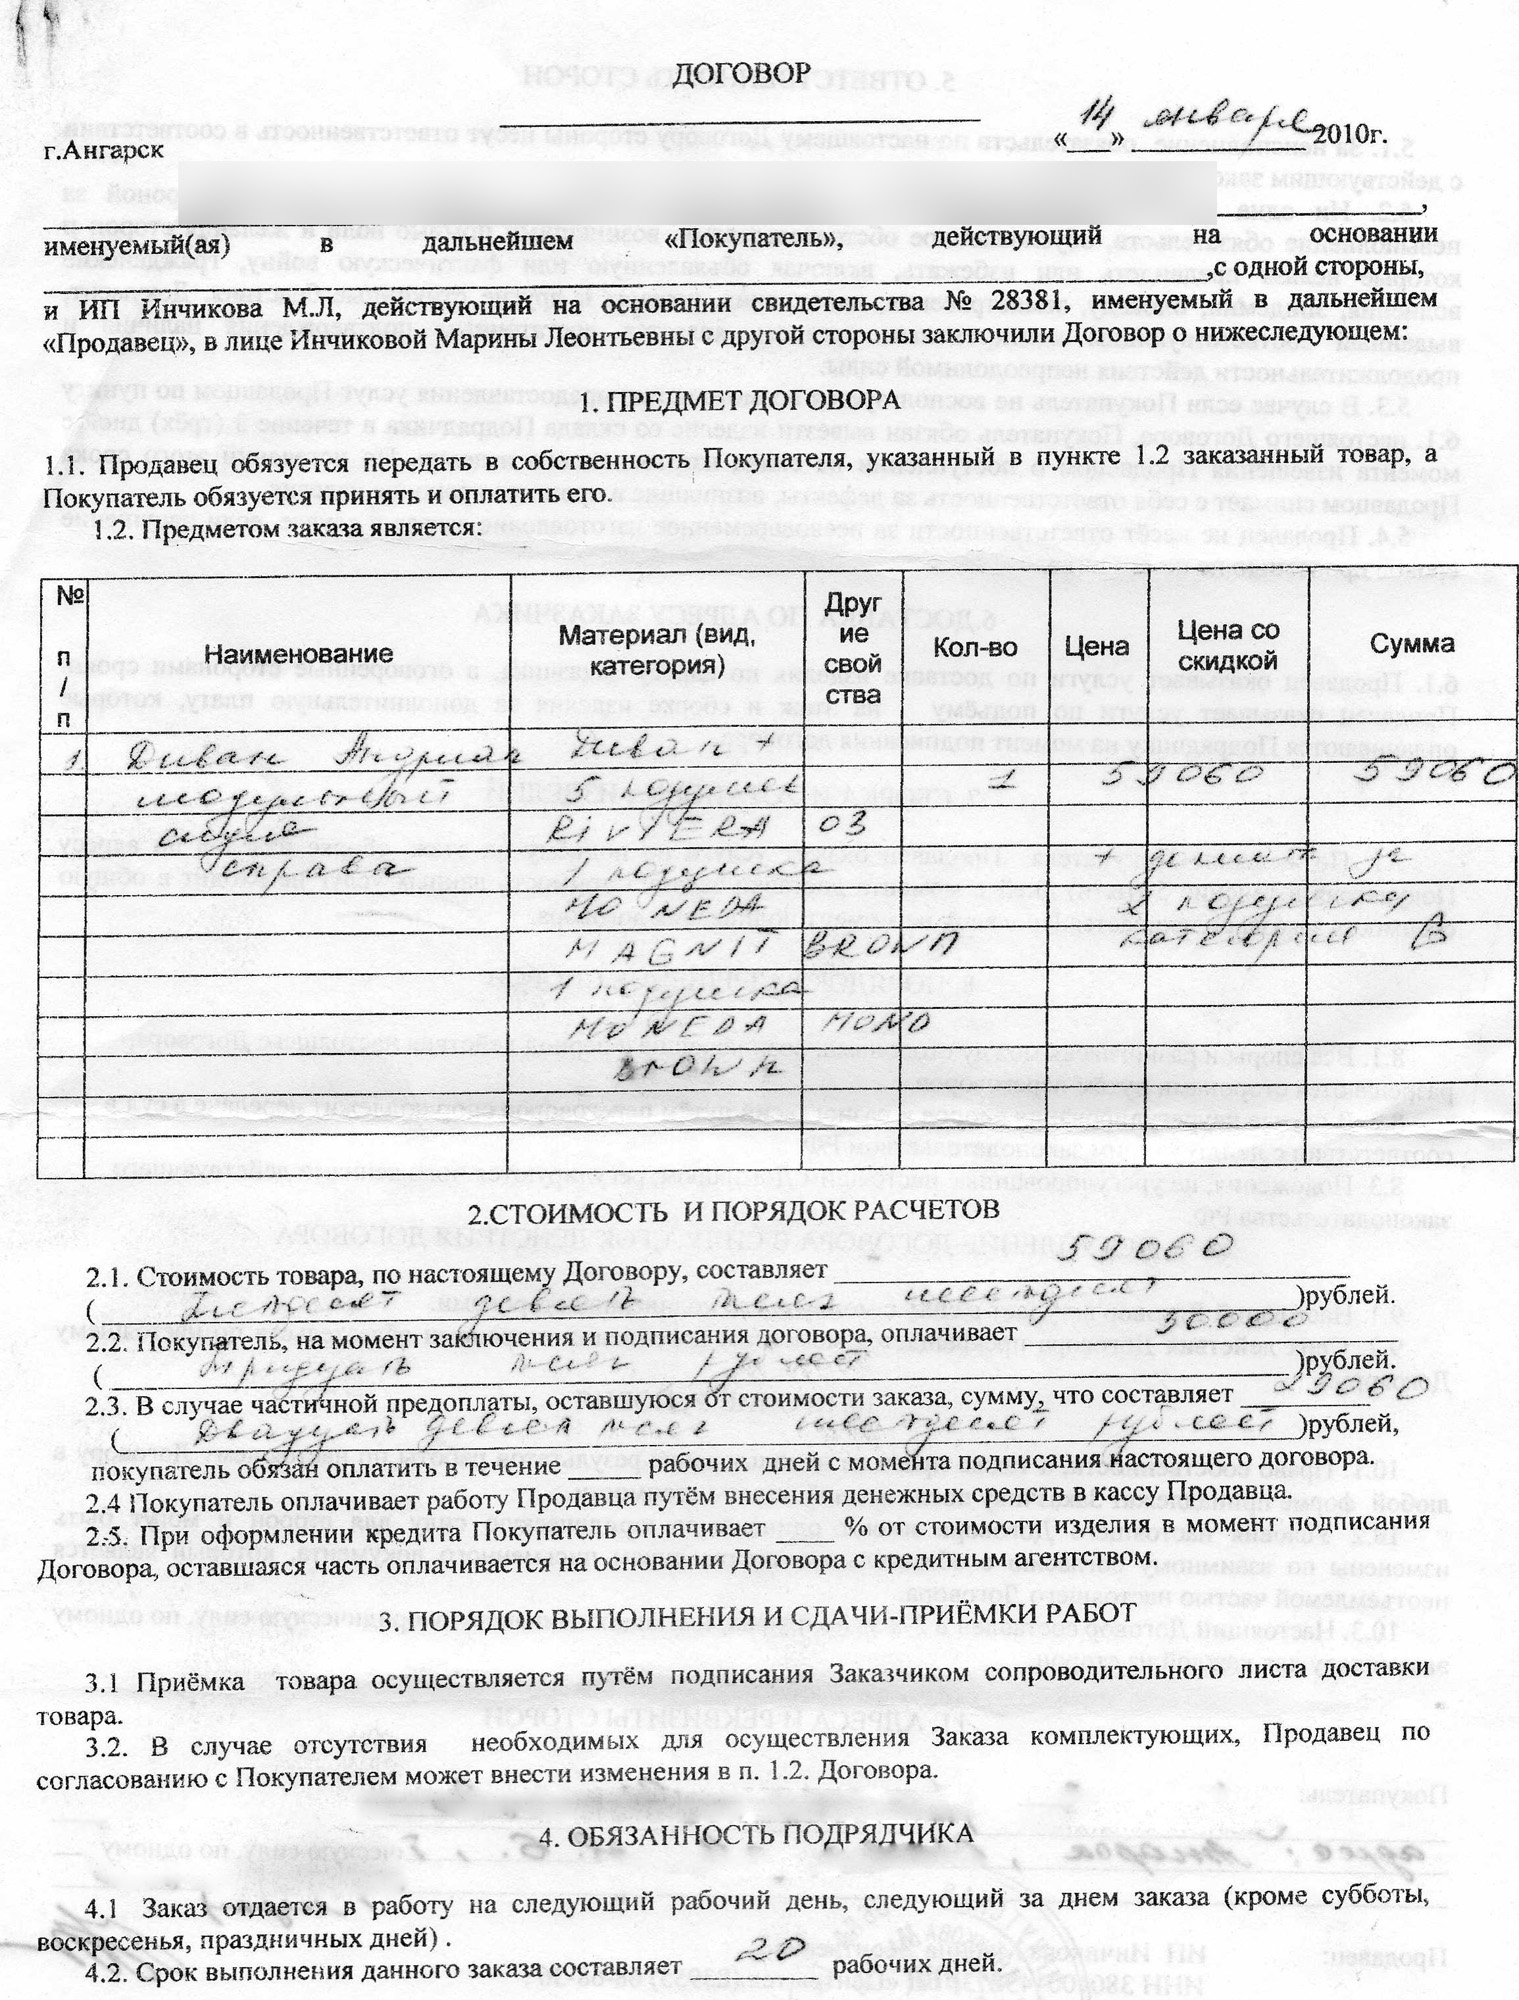 договор на изготовление мебели украина бланк